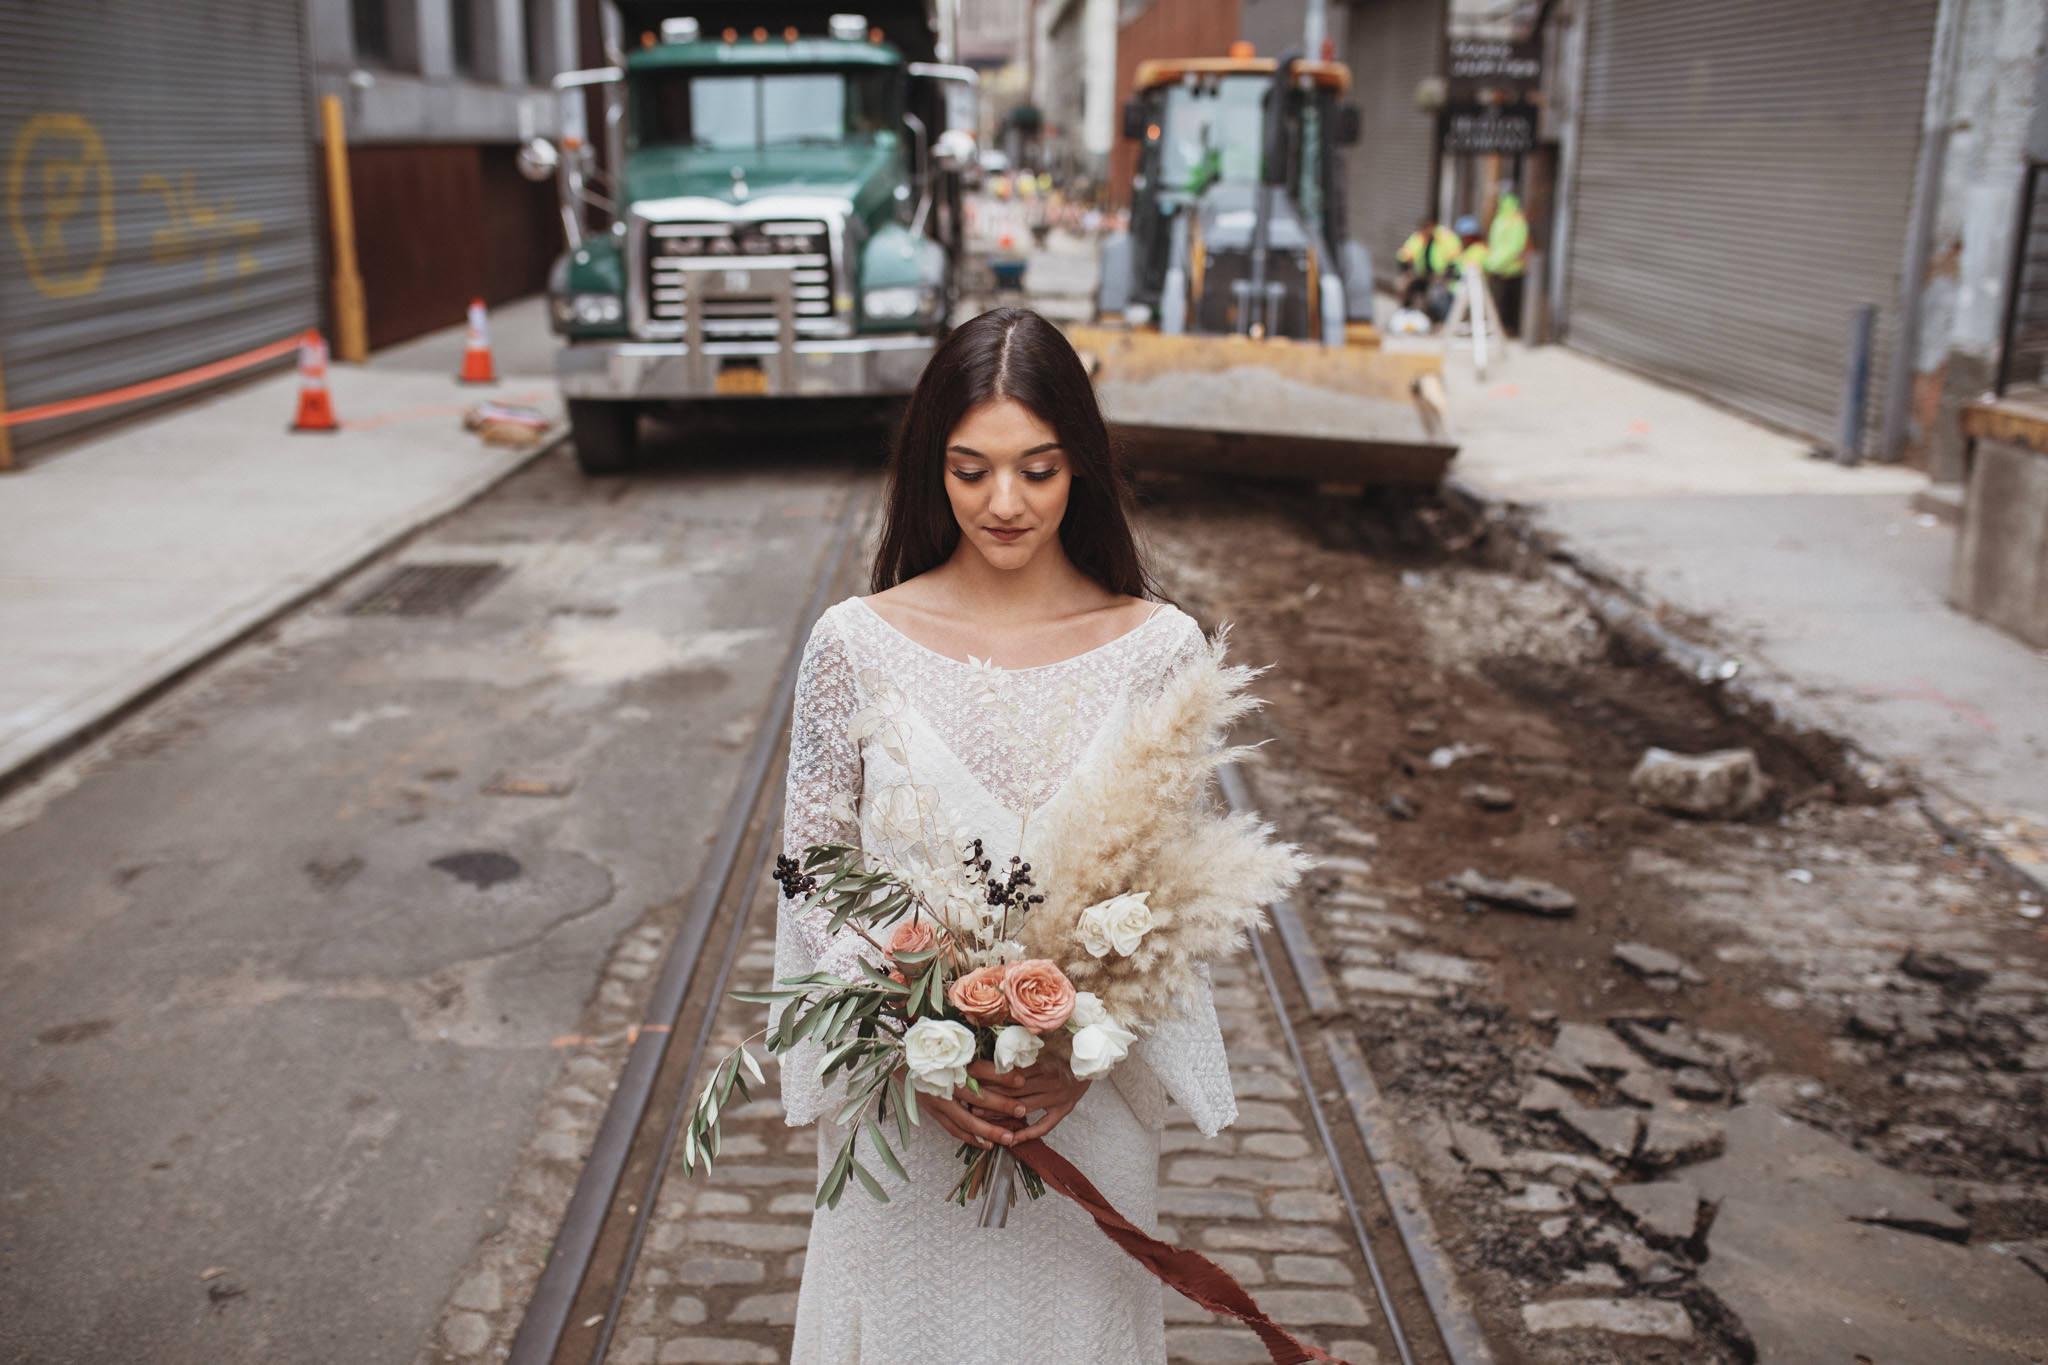 otaduy wedding dress brooklyn 9 1